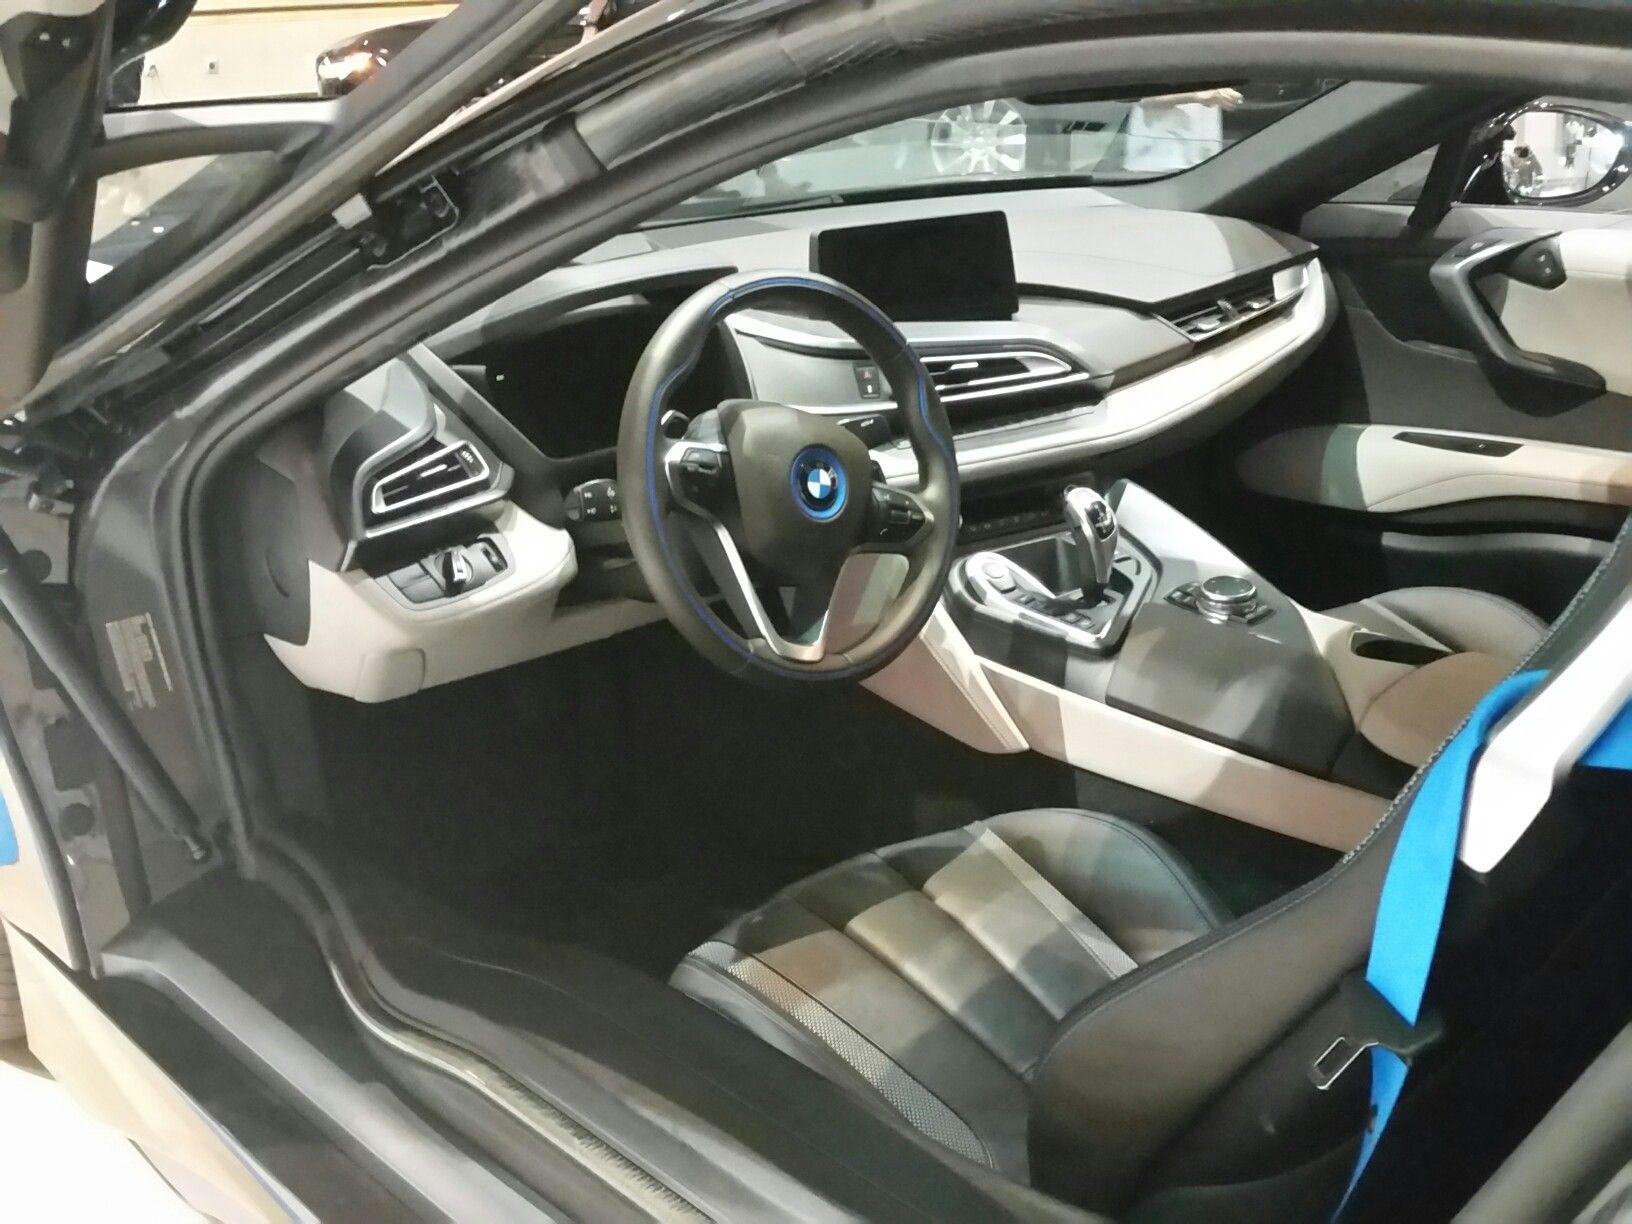 2017 BMW I8 Interior trim | cars | Pinterest | Interior trim, Bmw i8 Bmw I Interior on bmw turbo, bmw x1 interior, bmw i interior, bmw z4 interior, hyundai genesis coupe interior, lamborghini aventador interior, bmw i3 interior, porsche panamera interior, bmw x3 interior, bmw gina, bentley continental gt interior, tesla interior, bmw 7 series interior, bmw x9, bmw x10, bmw 5 series interior, bmw m6 interior, bmw x6 interior, lamborghini gallardo interior, bmw x5 interior,